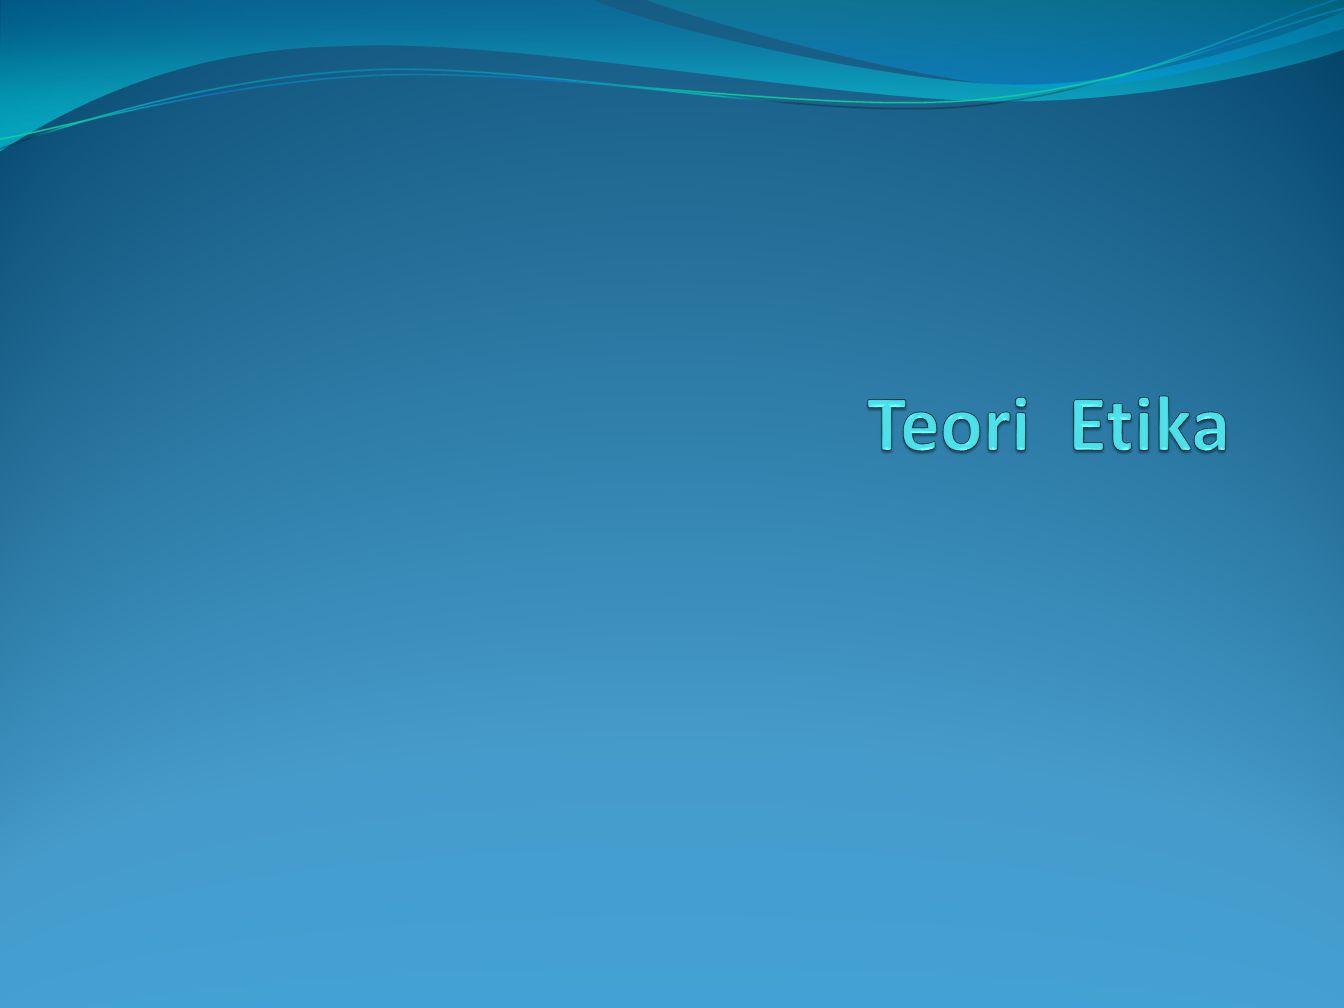 Teori Etika